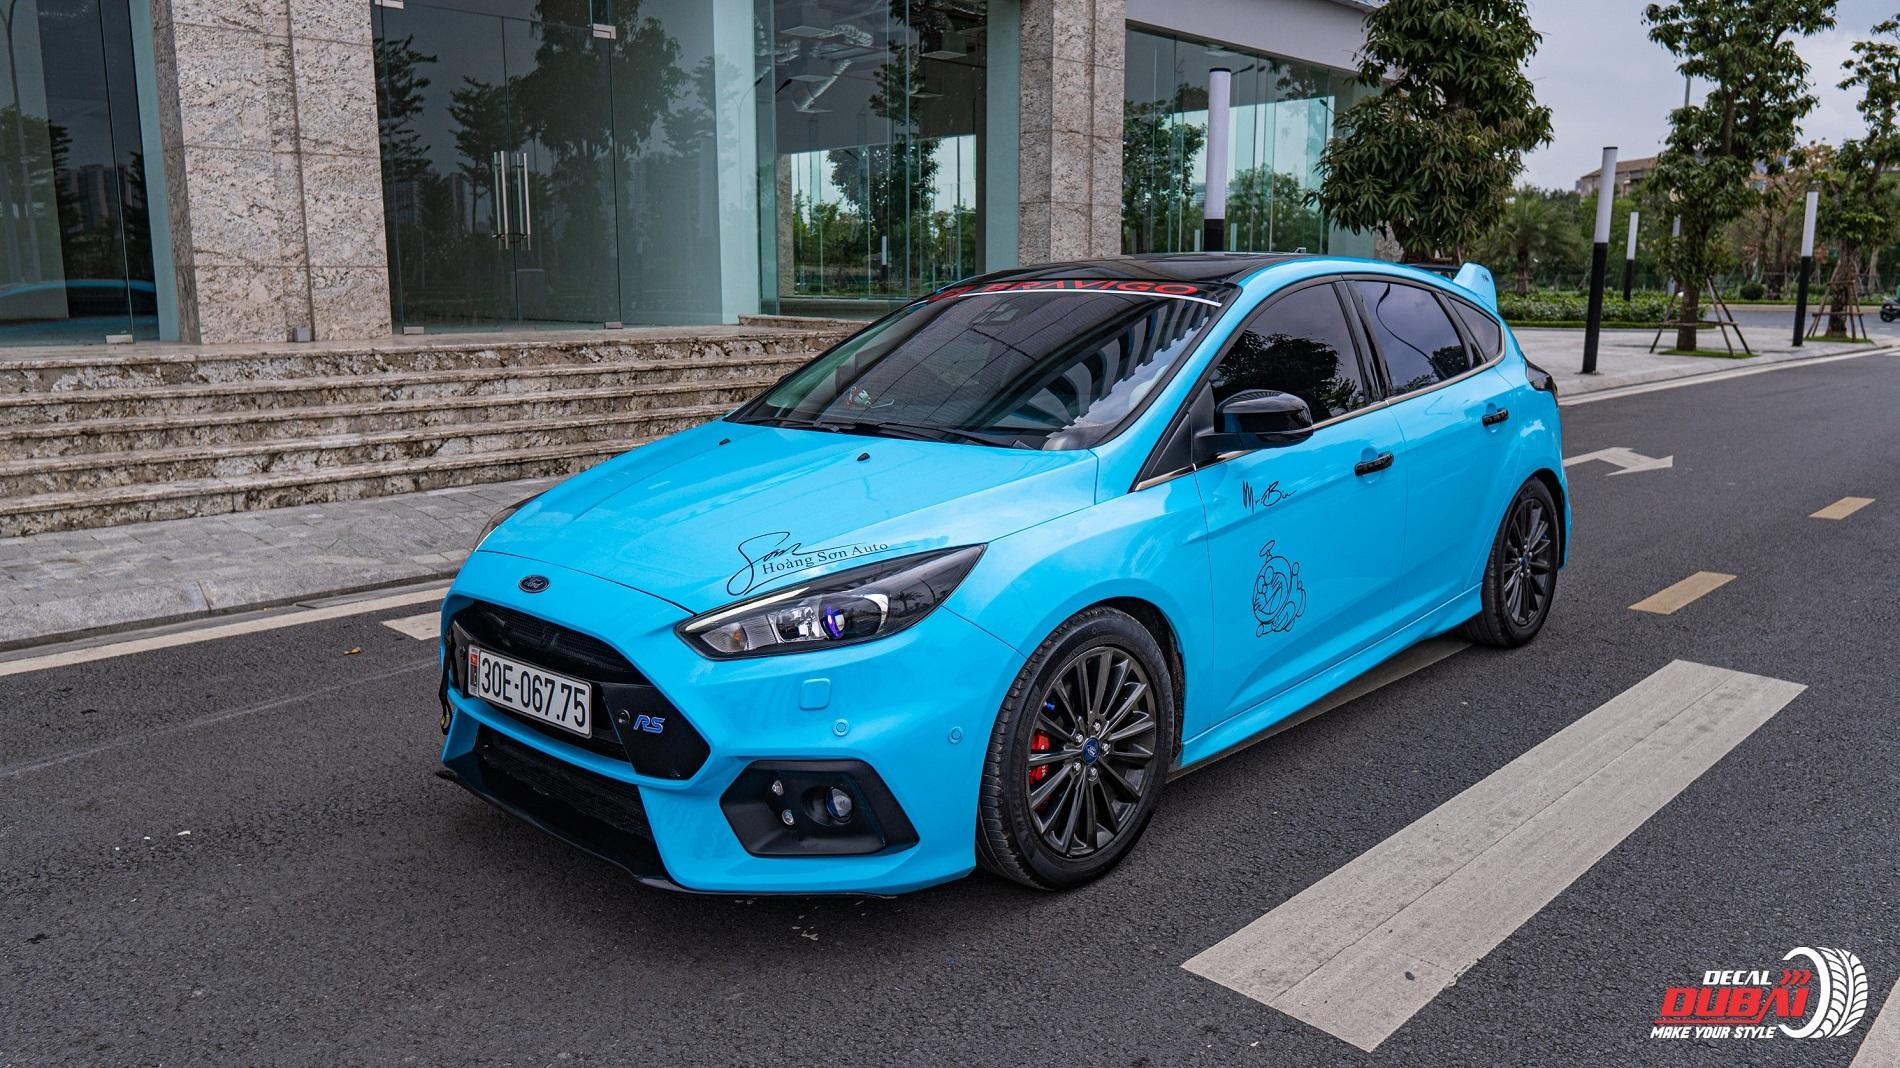 Dán đổi màu xe Ford Focus Xanh G5007